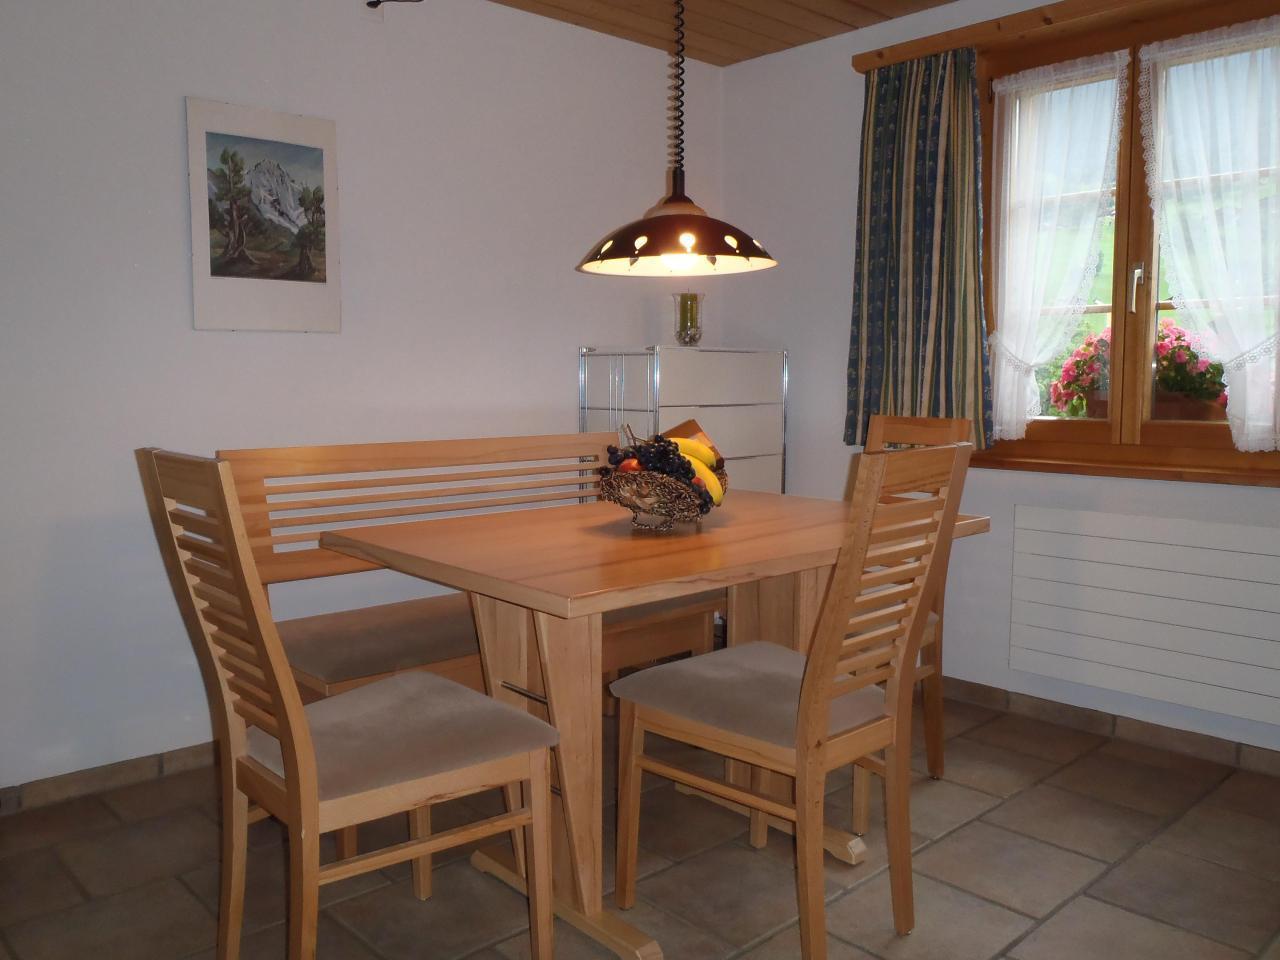 Appartement de vacances Asterix 2 Bett Wohnung (2691730), Grindelwald, Région de la Jungfrau, Oberland bernois, Suisse, image 12